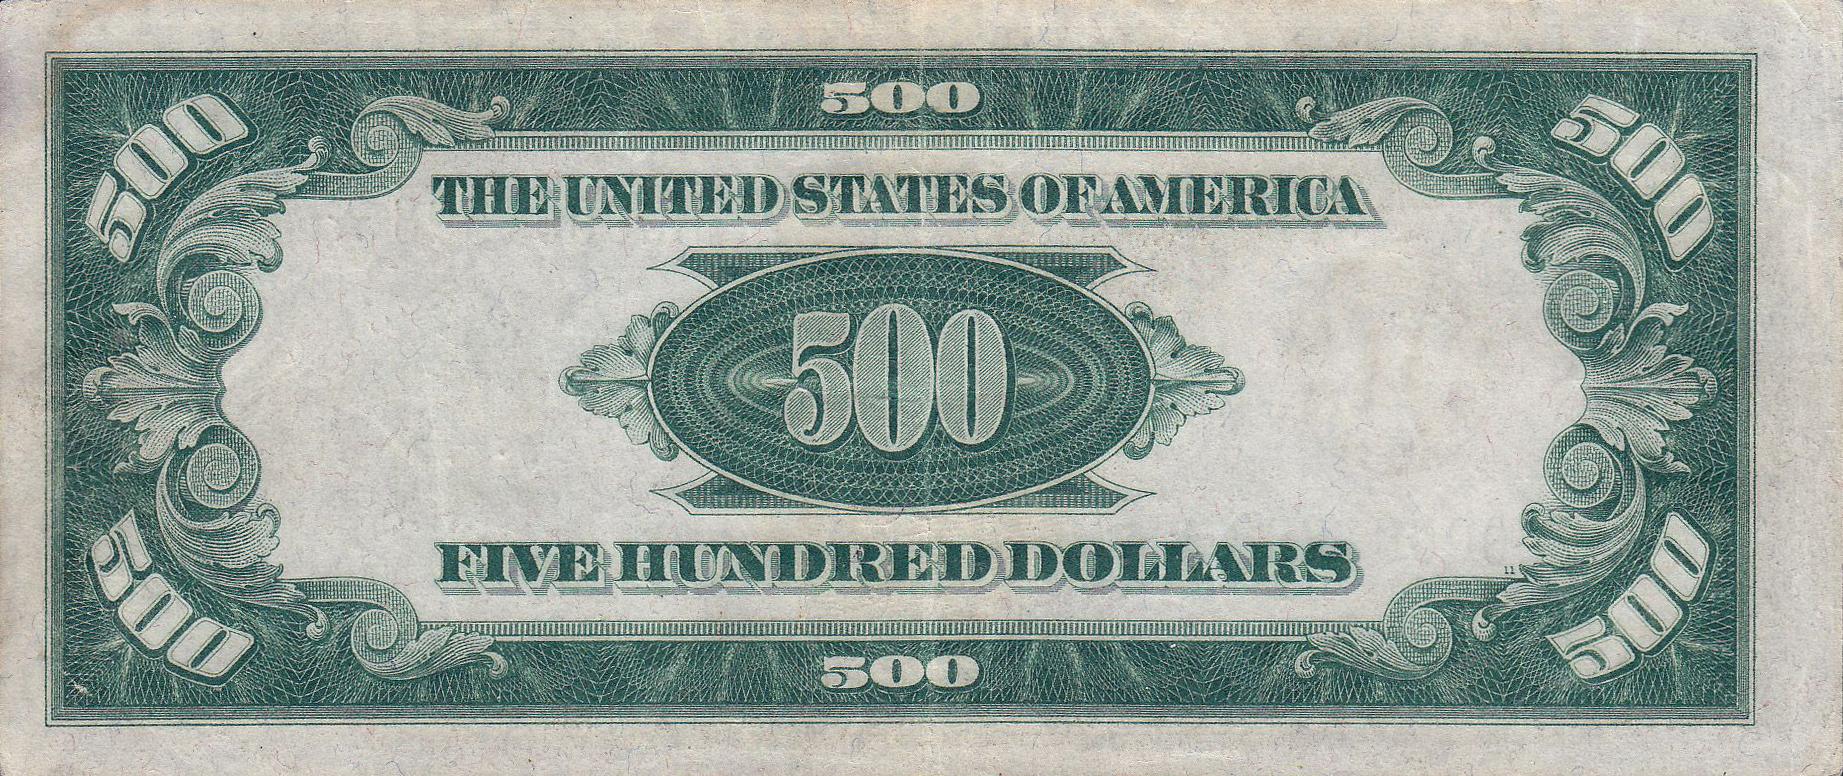 500 Dop To Usd